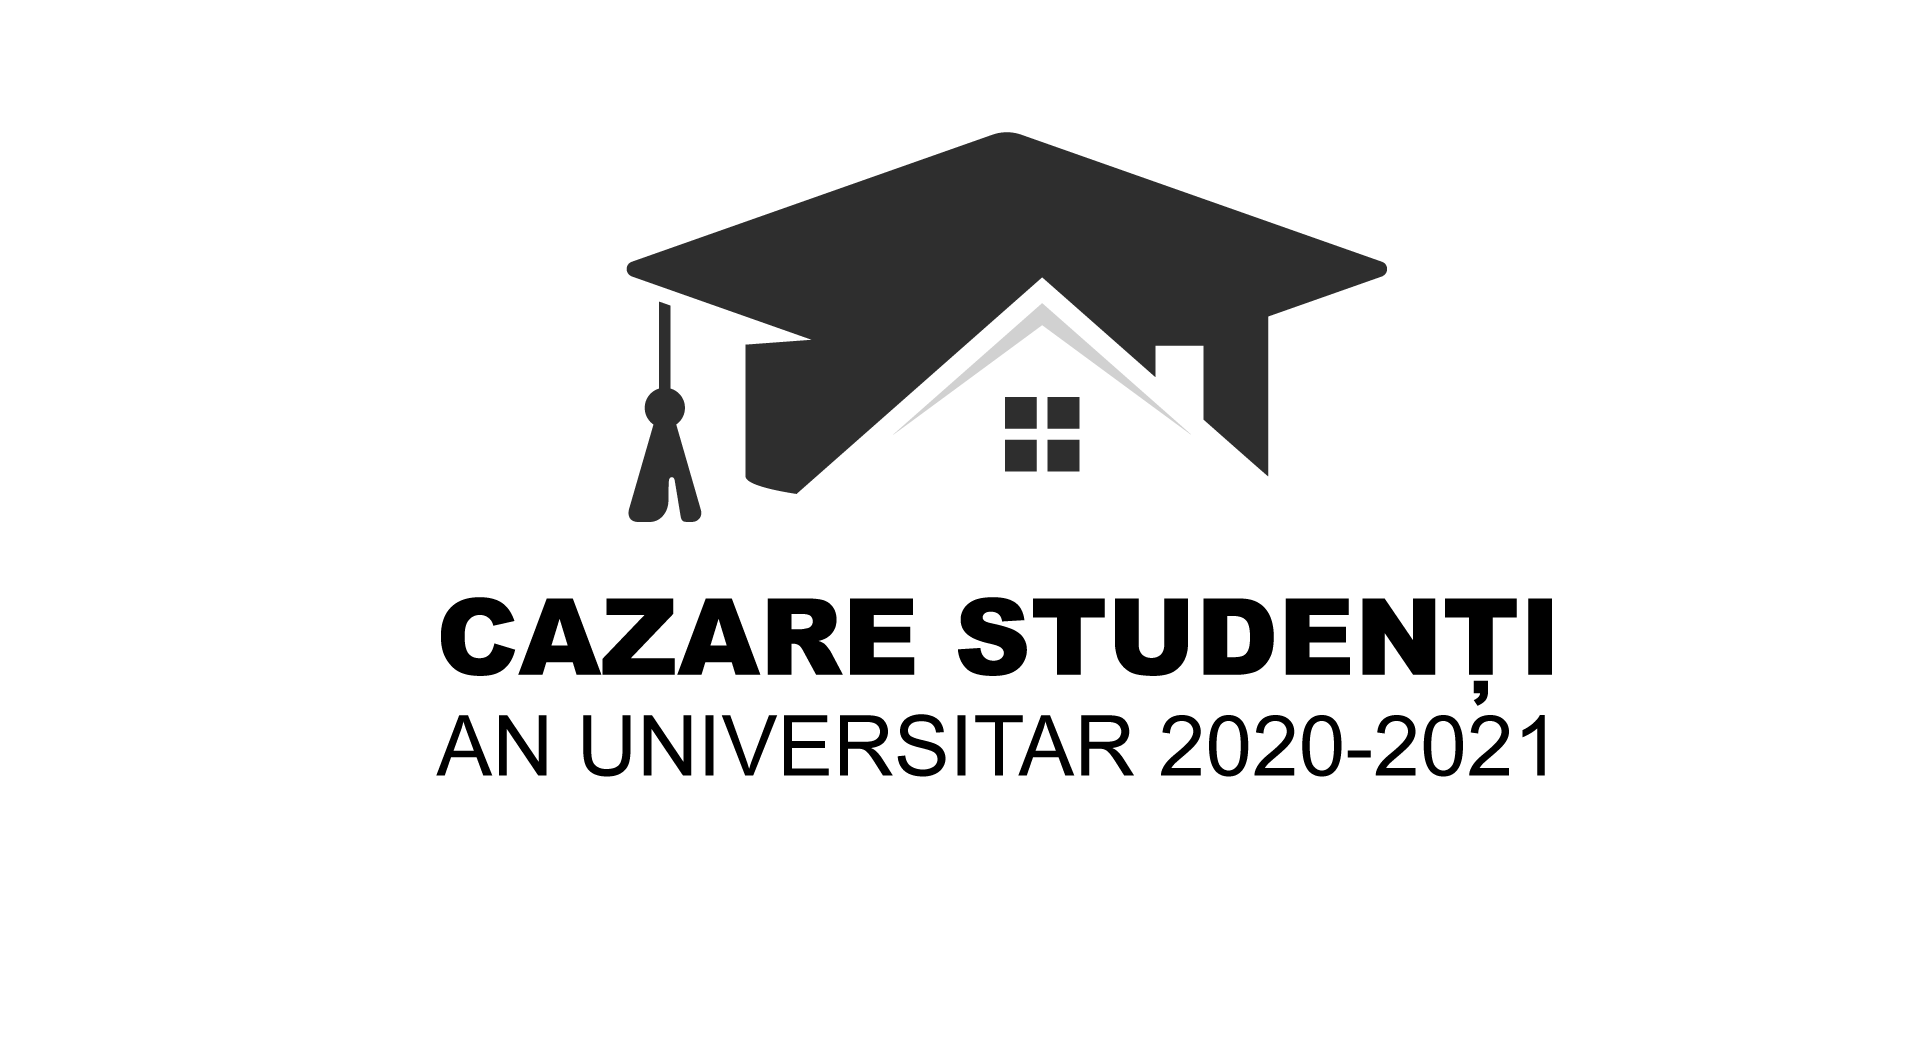 ANUNȚ PRIVIND CAZĂRILE ÎN UNIVERSITATEA POLITEHNICA DIN BUCUREȘTI – AN UNIV. 2020-2021